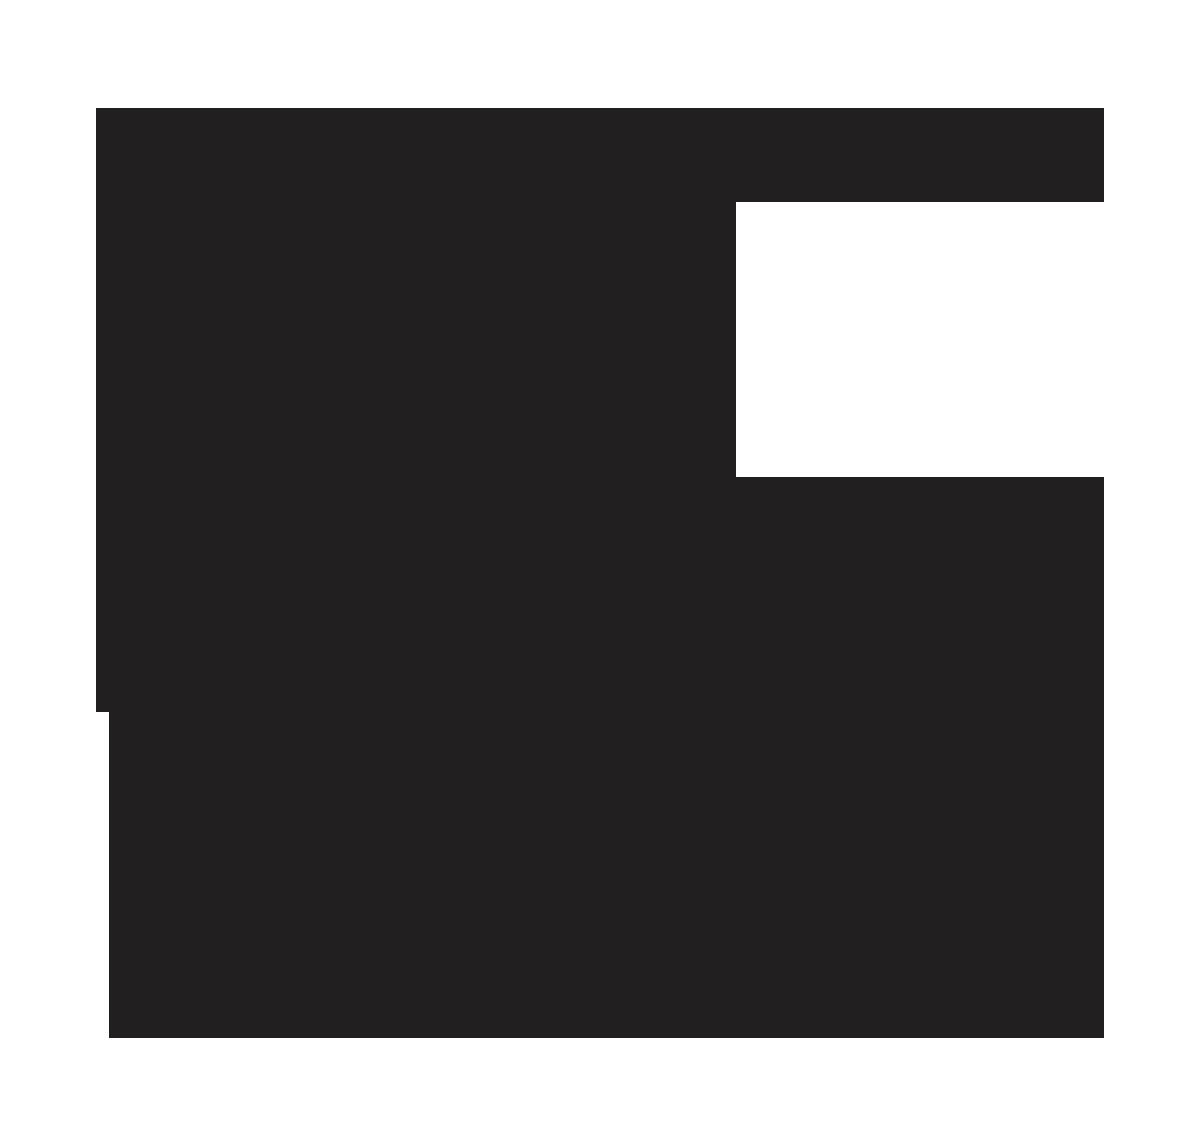 stg-telecom